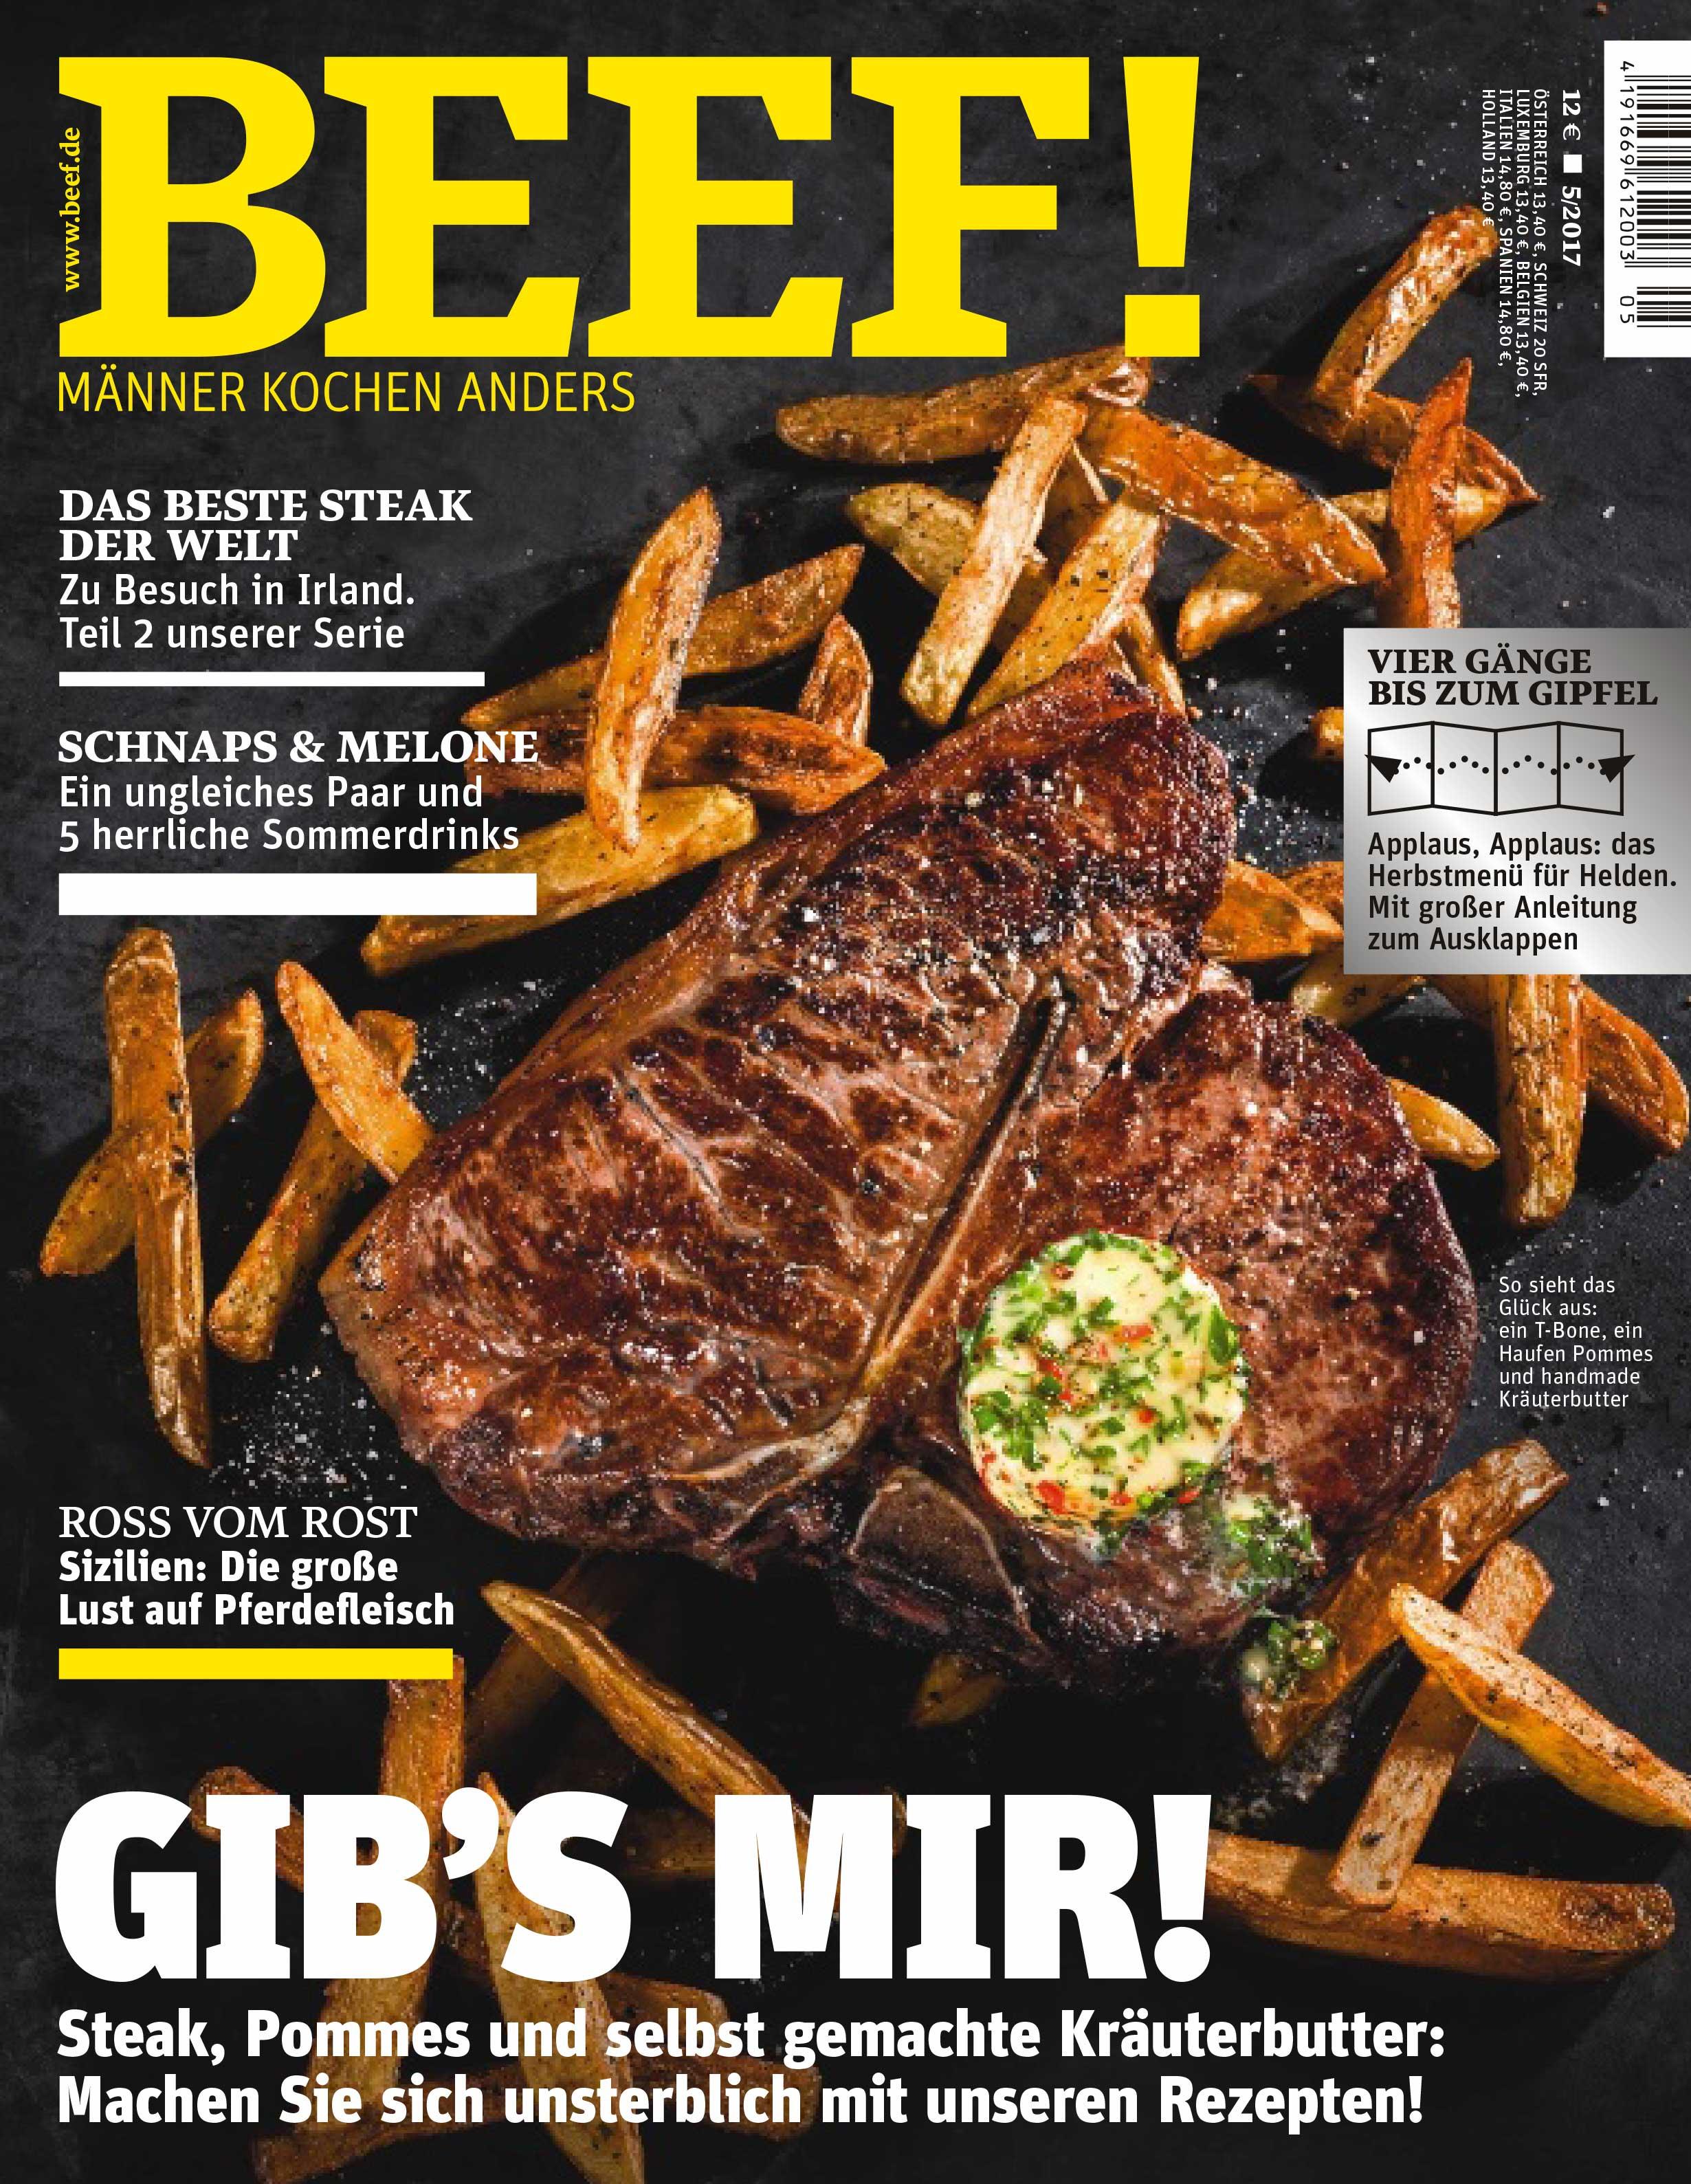 BEEF! 0517